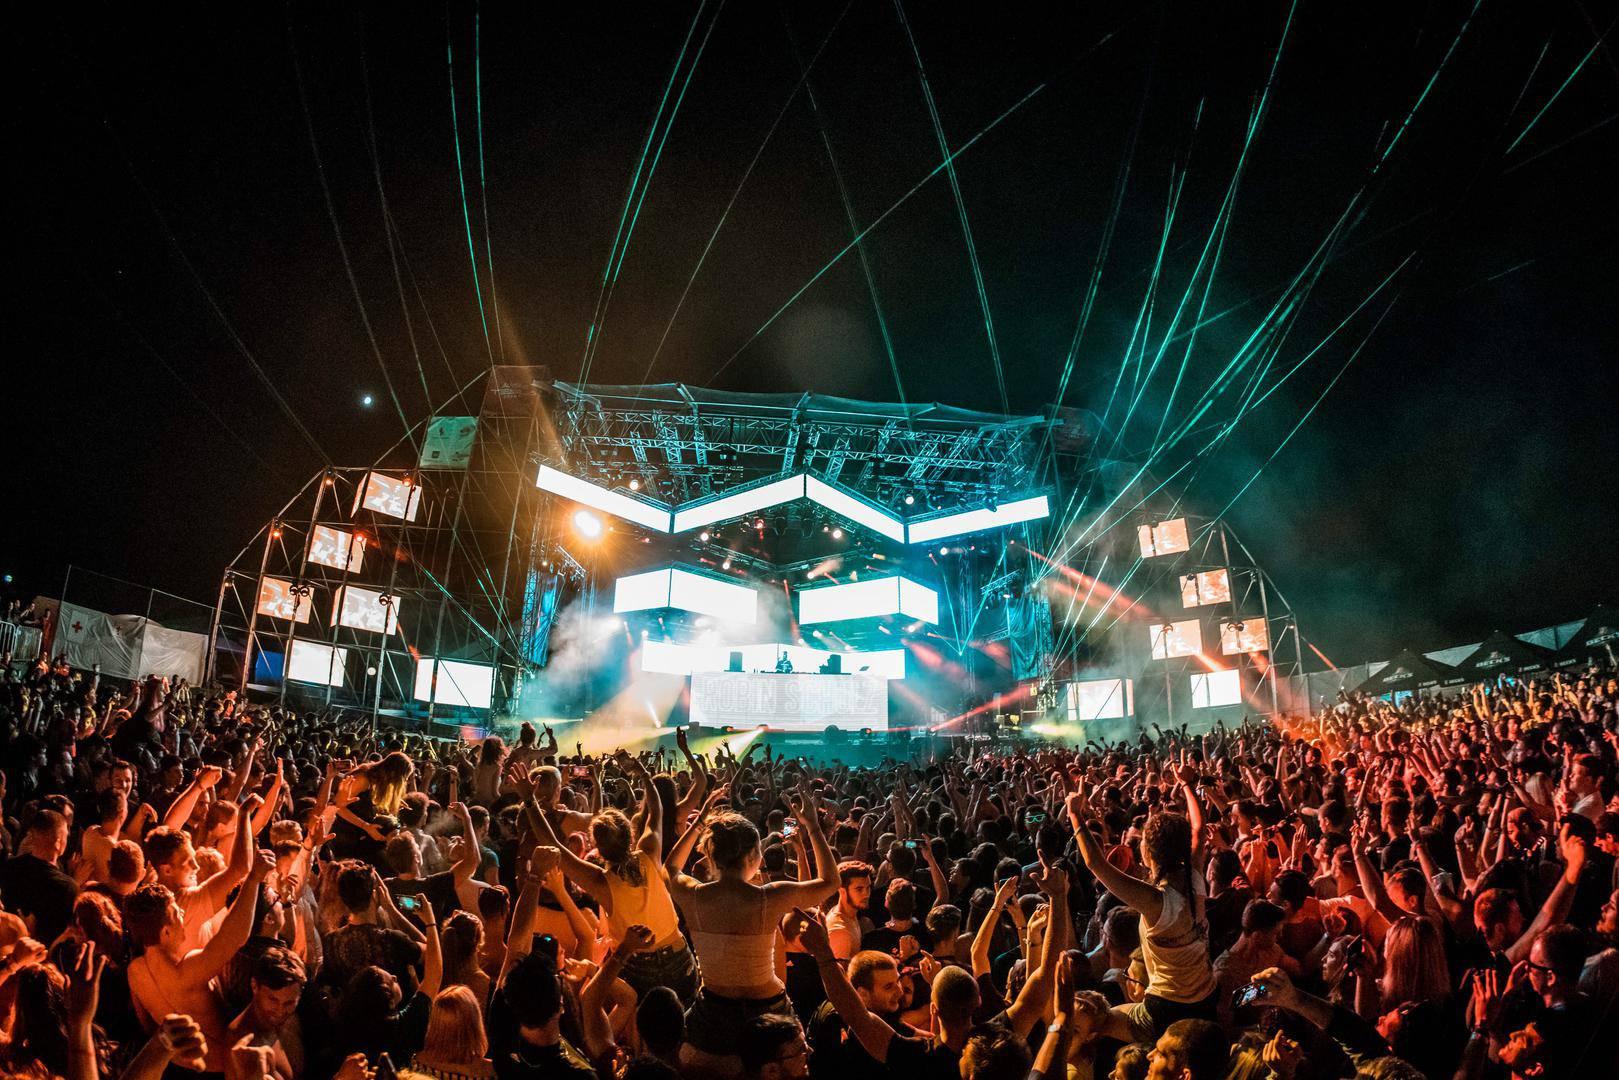 Scena na koljenima: Gubici od festivala broje se u milijunima